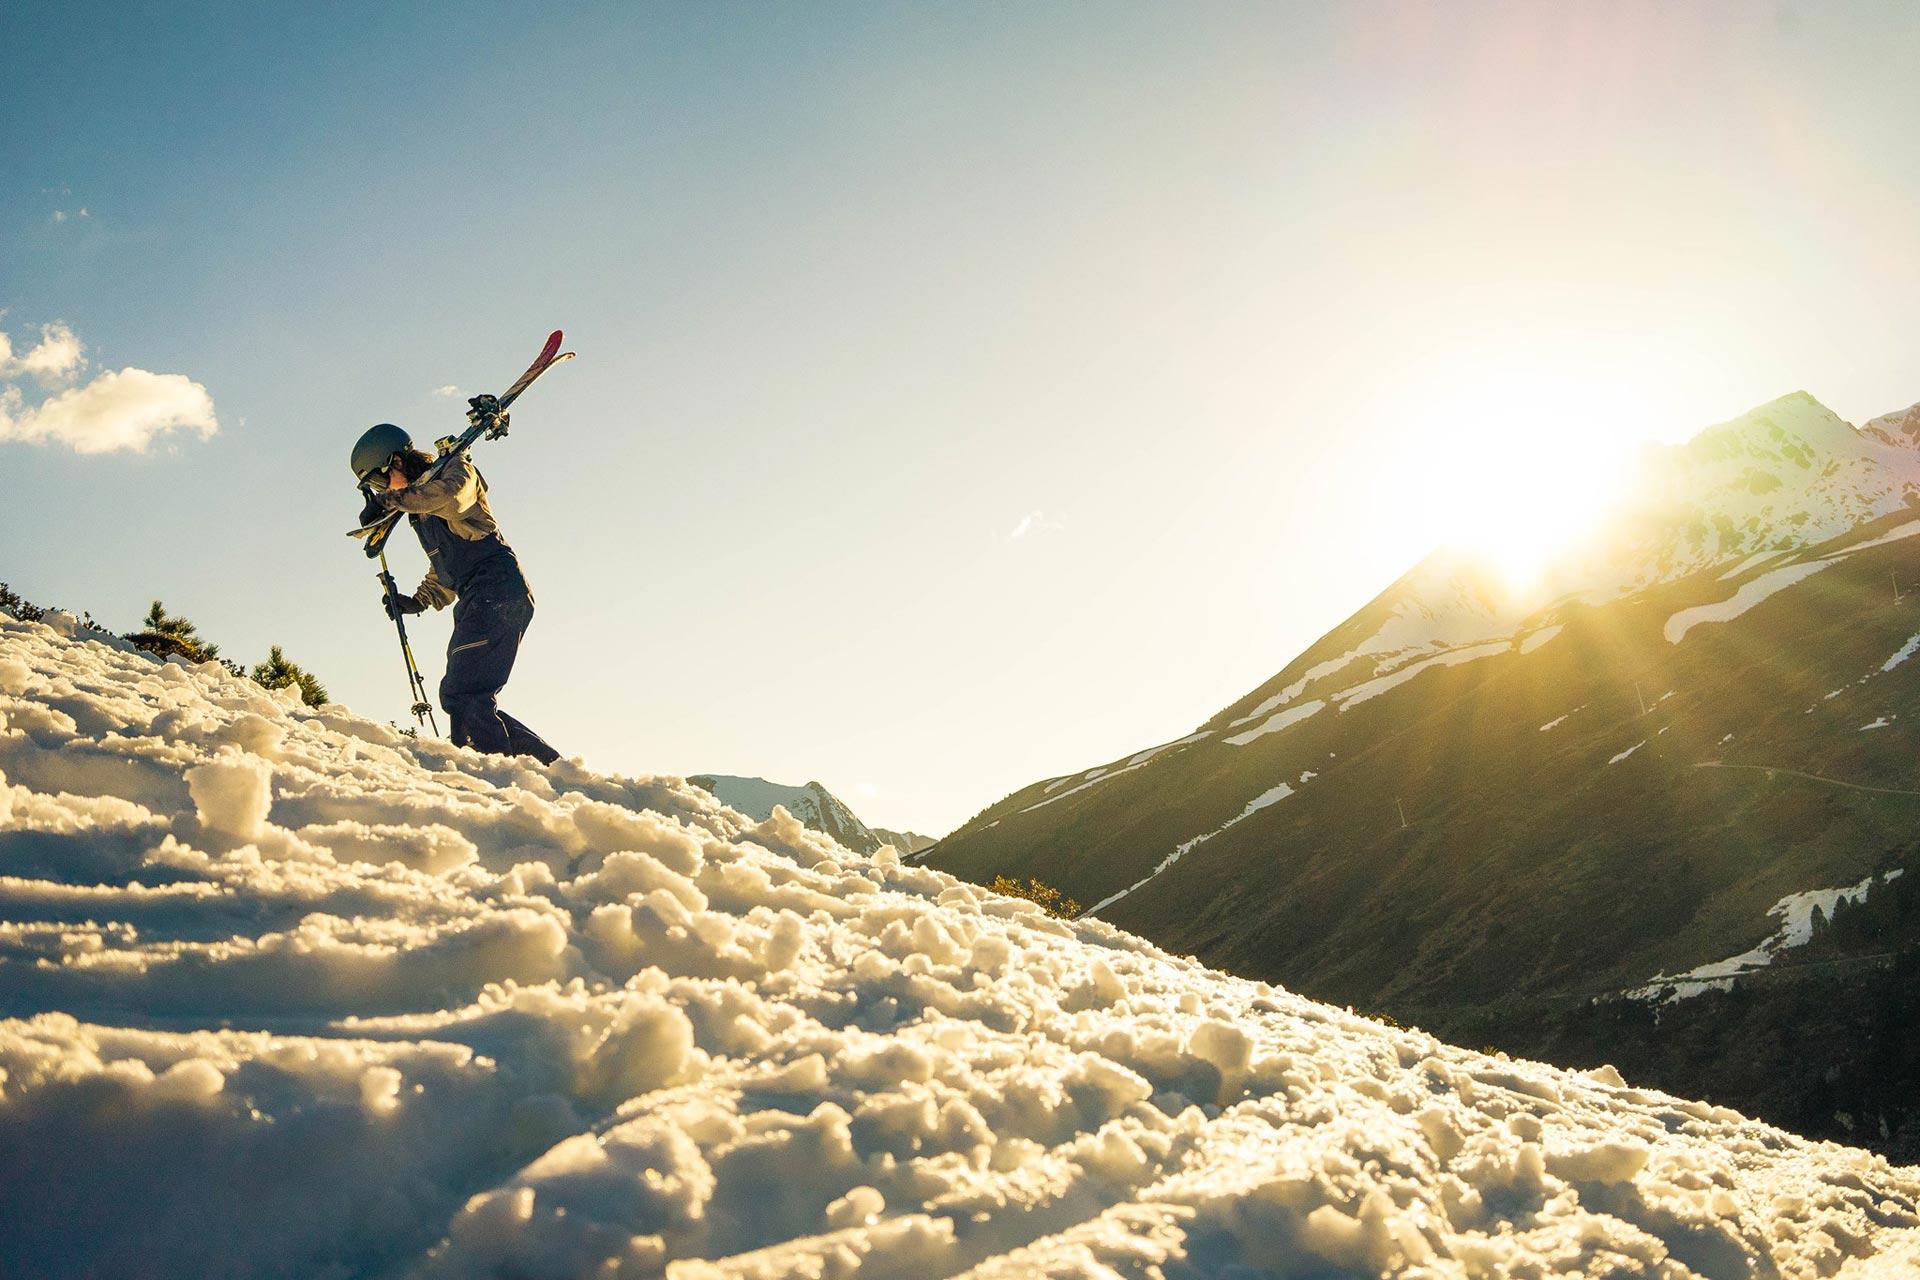 Backcountry Kicker fahren heißt eben auch: Hiken. Foto: Pius Schneider